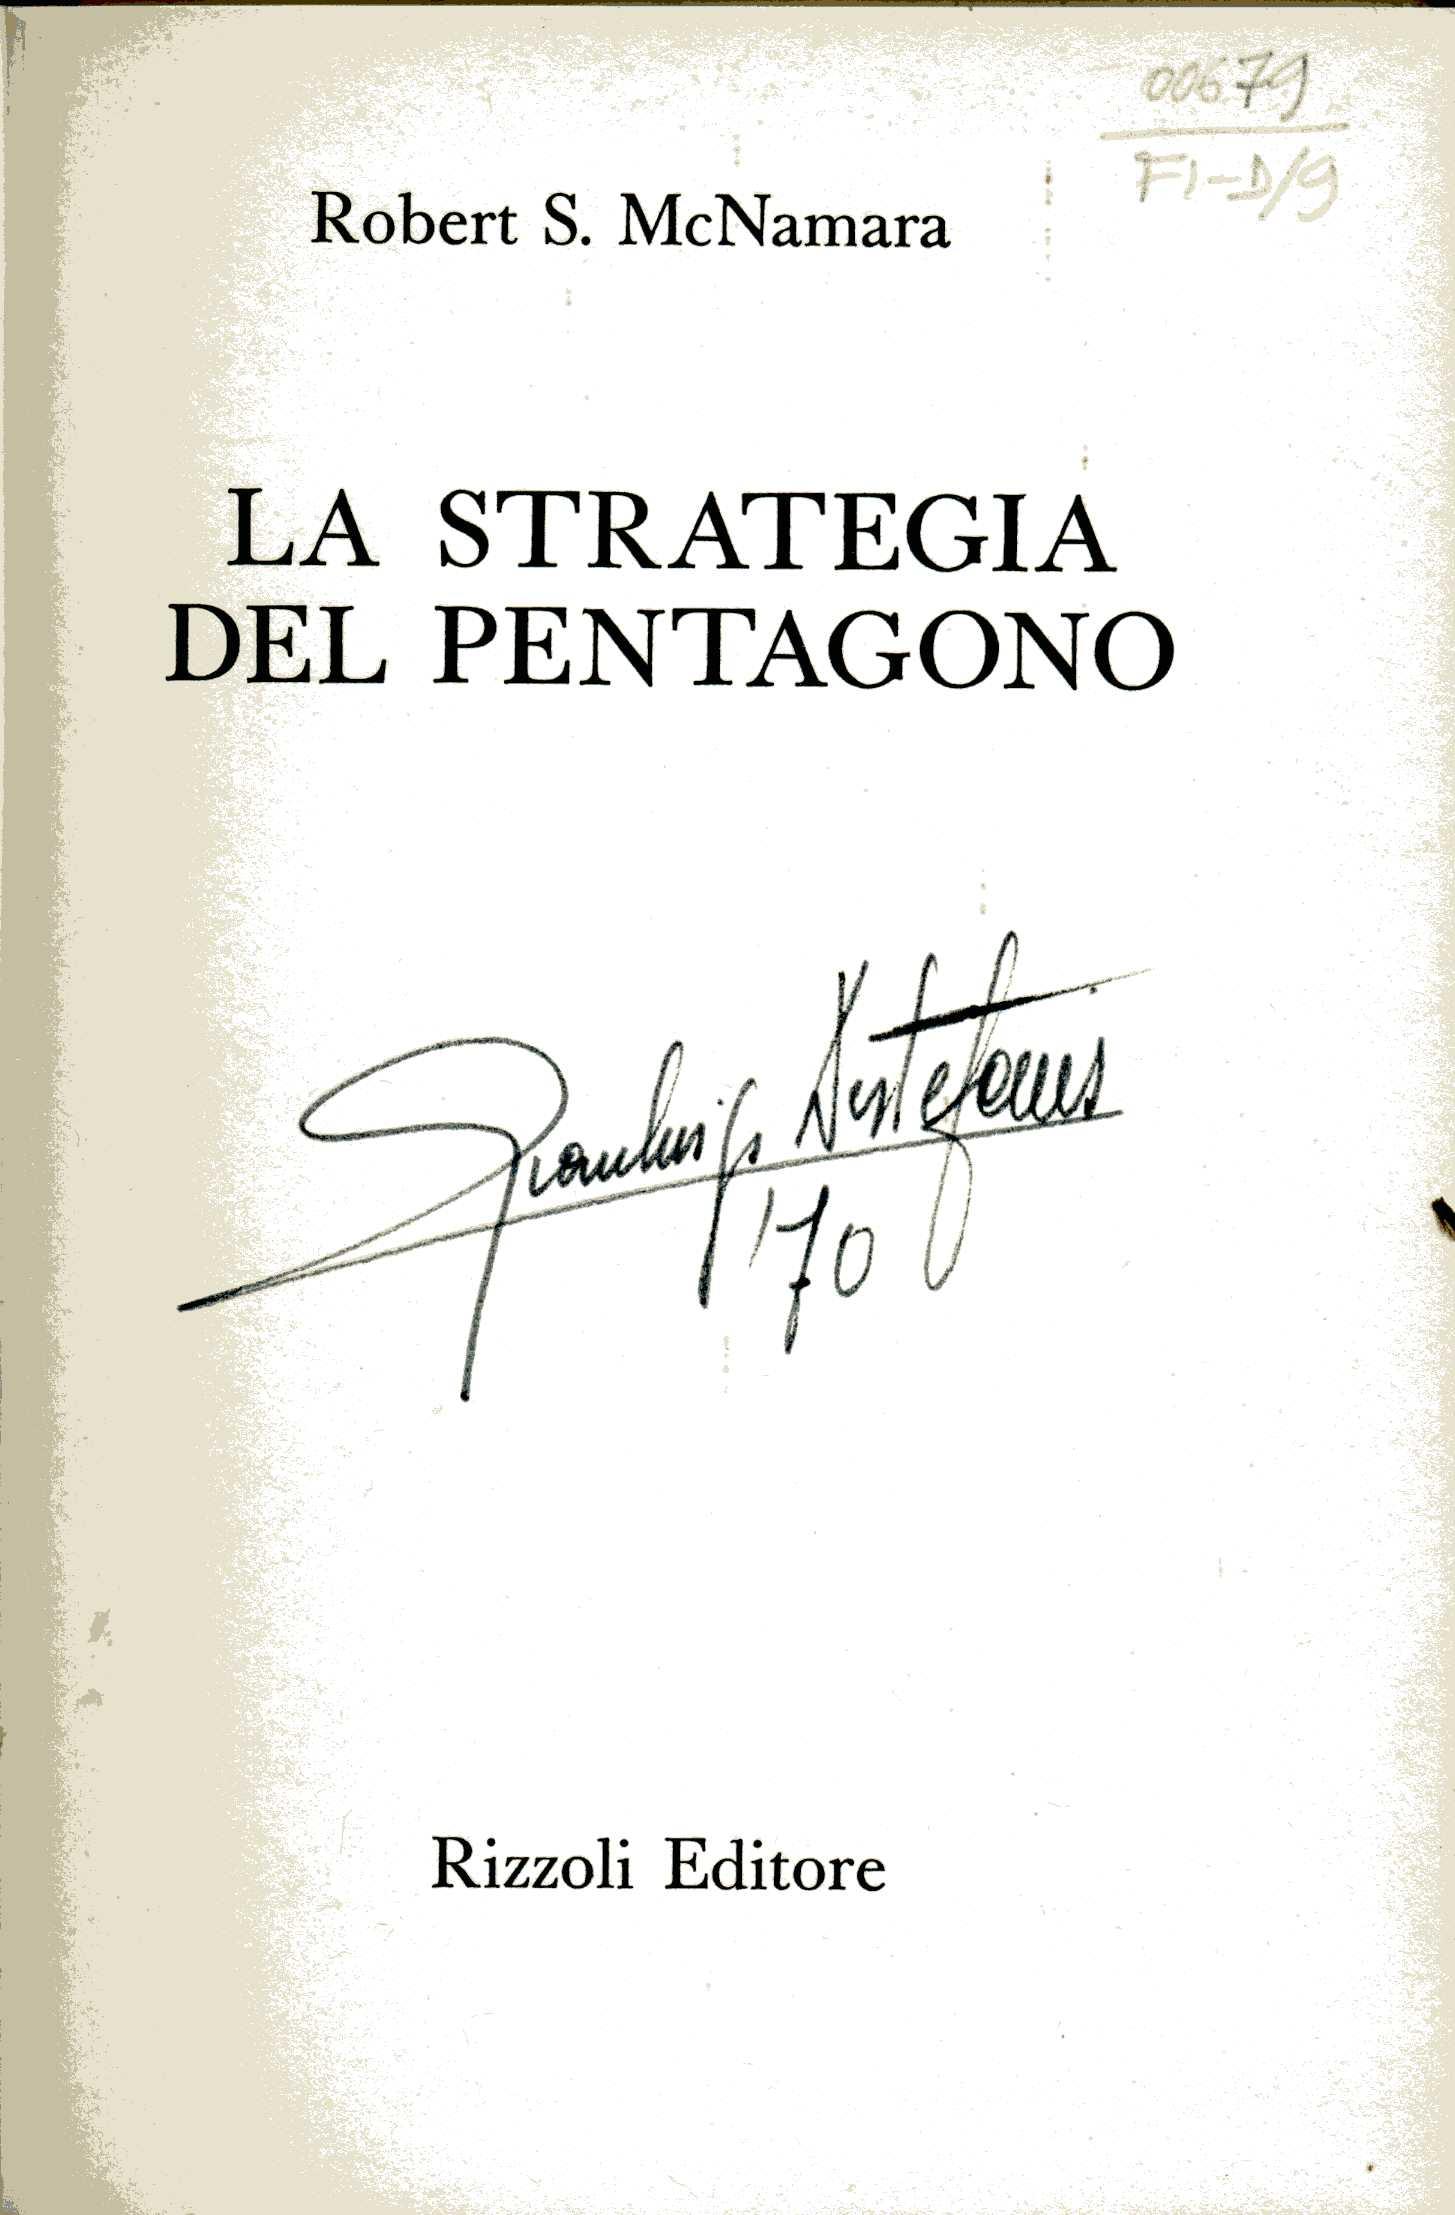 La strategia del Pentagono